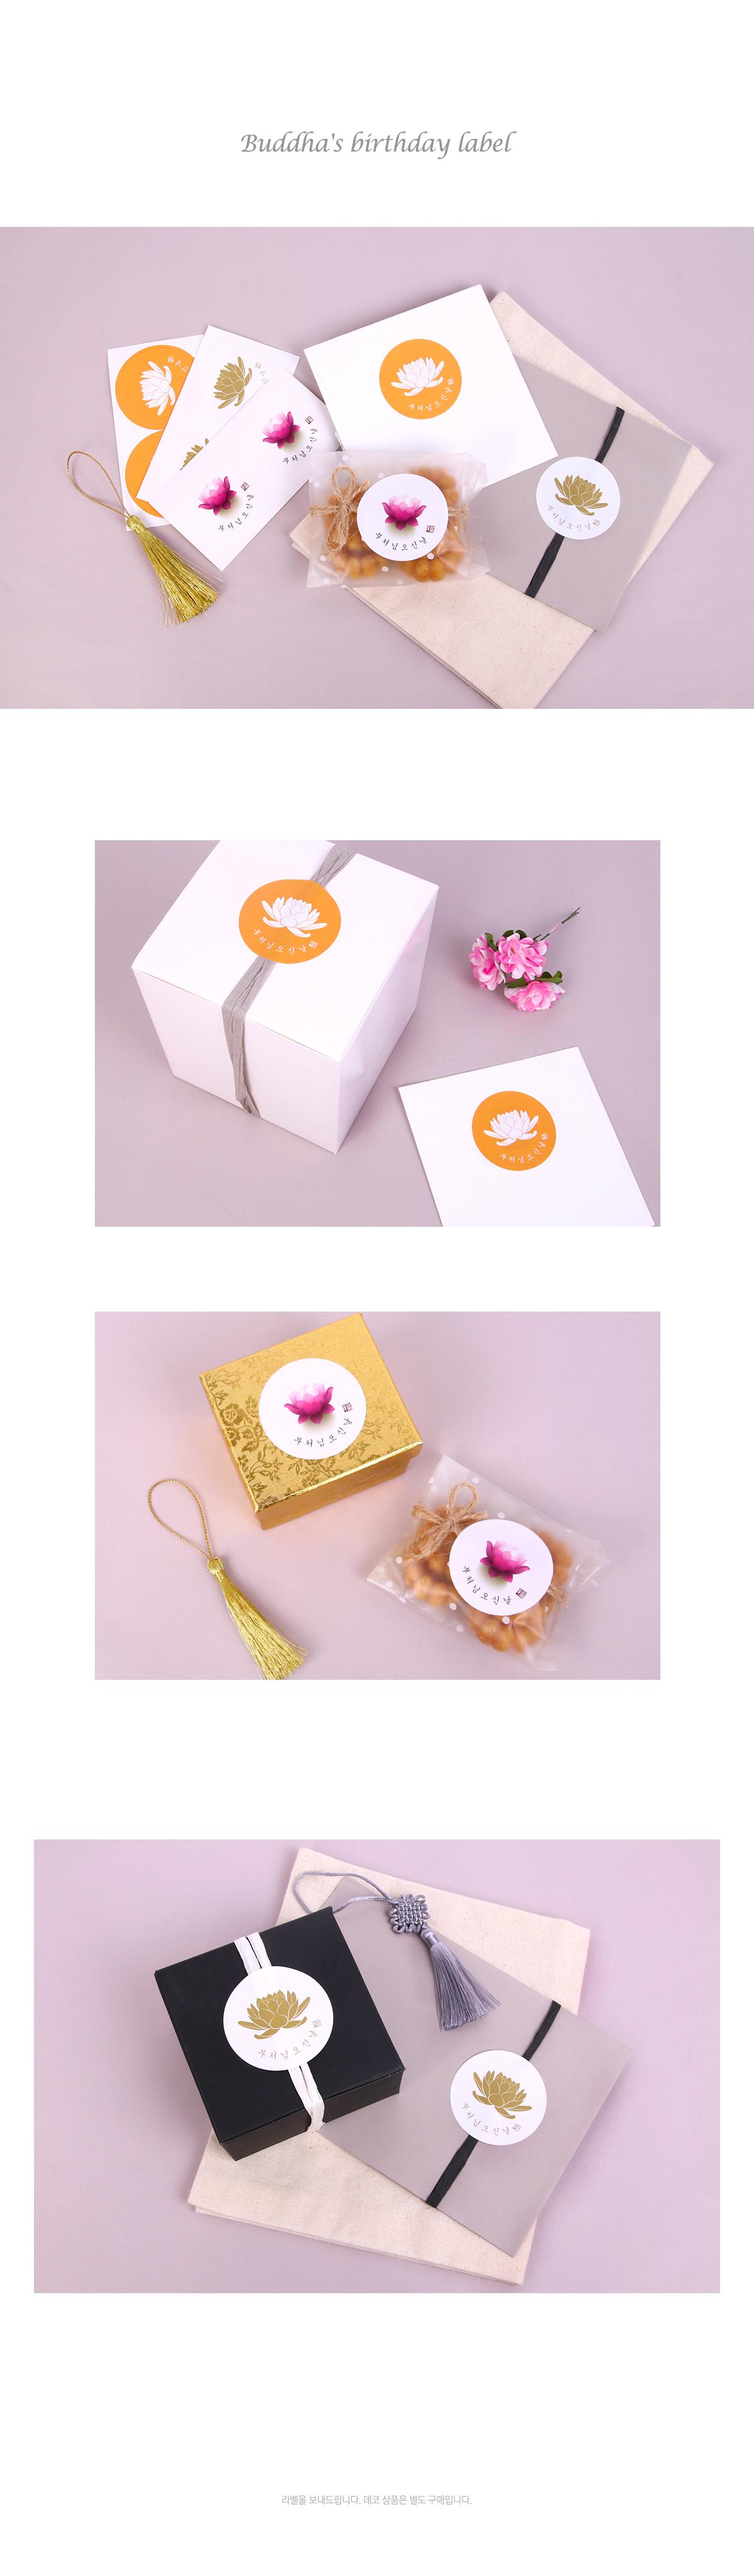 핑크 연꽃 부처님오신날 원형 라벨 (10개) - 인디고샵, 950원, 스티커, 시즌테마스티커